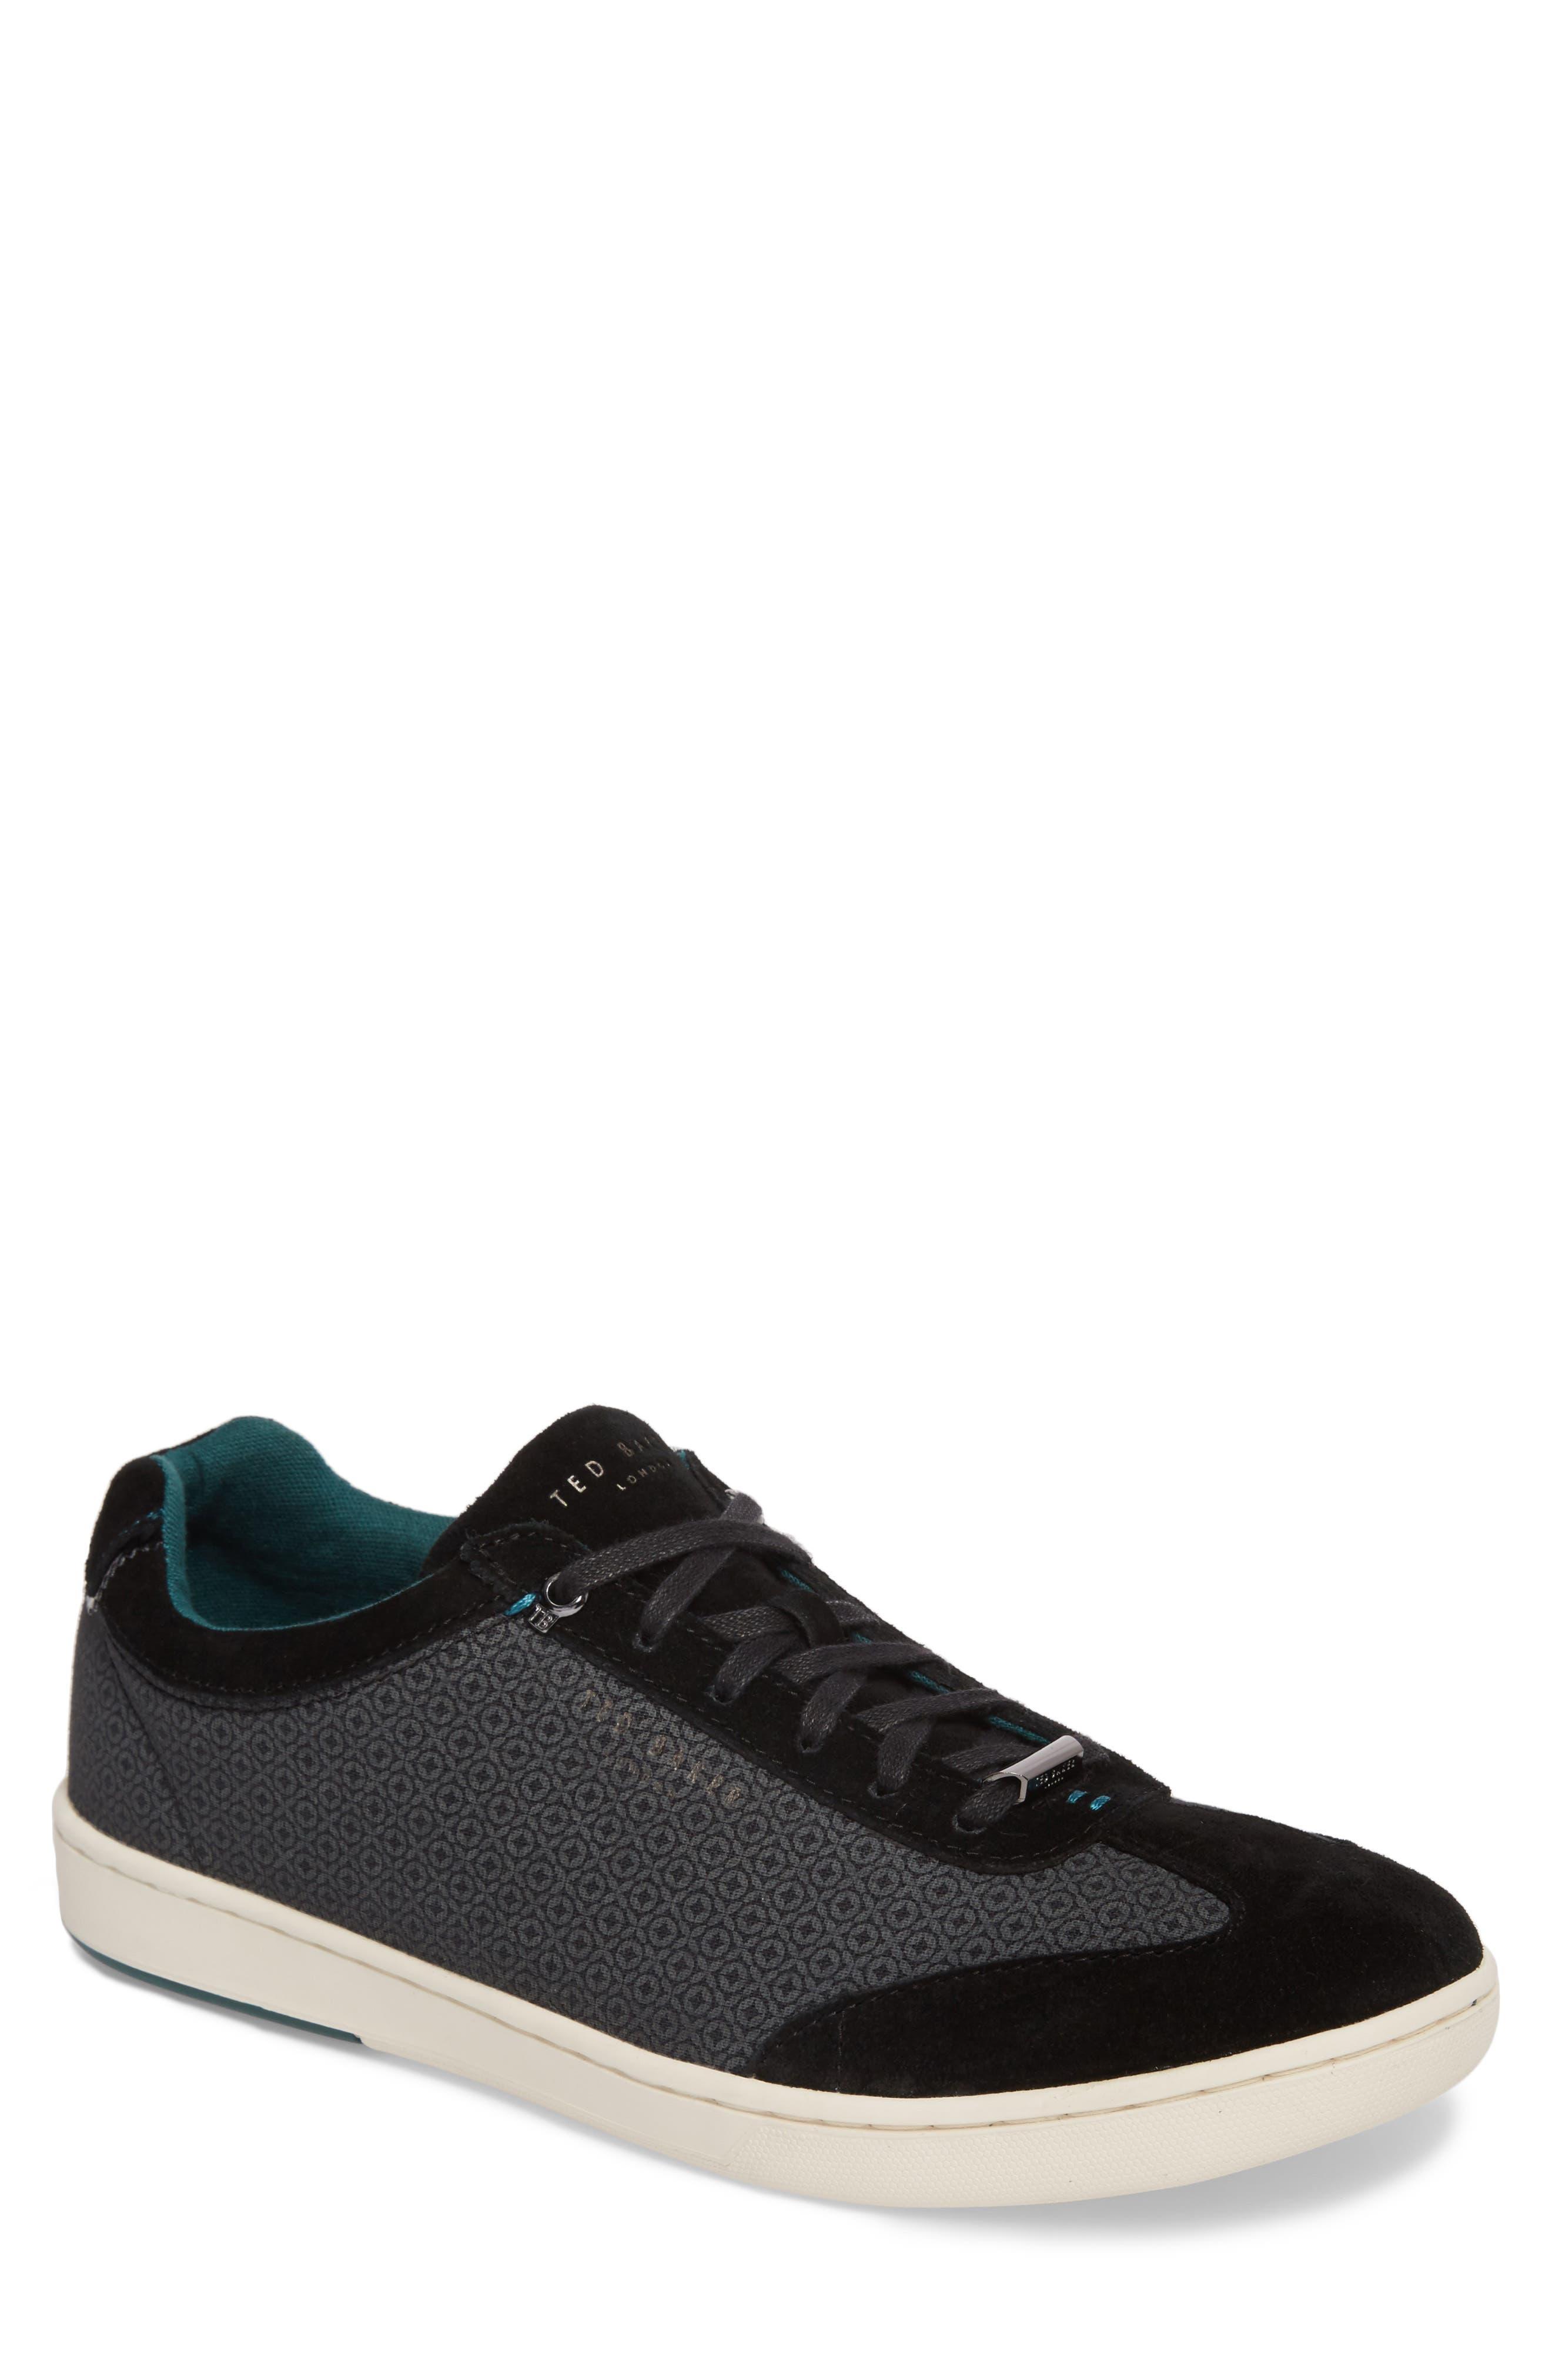 Alternate Image 1 Selected - Ted Baker London Kiefer Sneaker (Men)